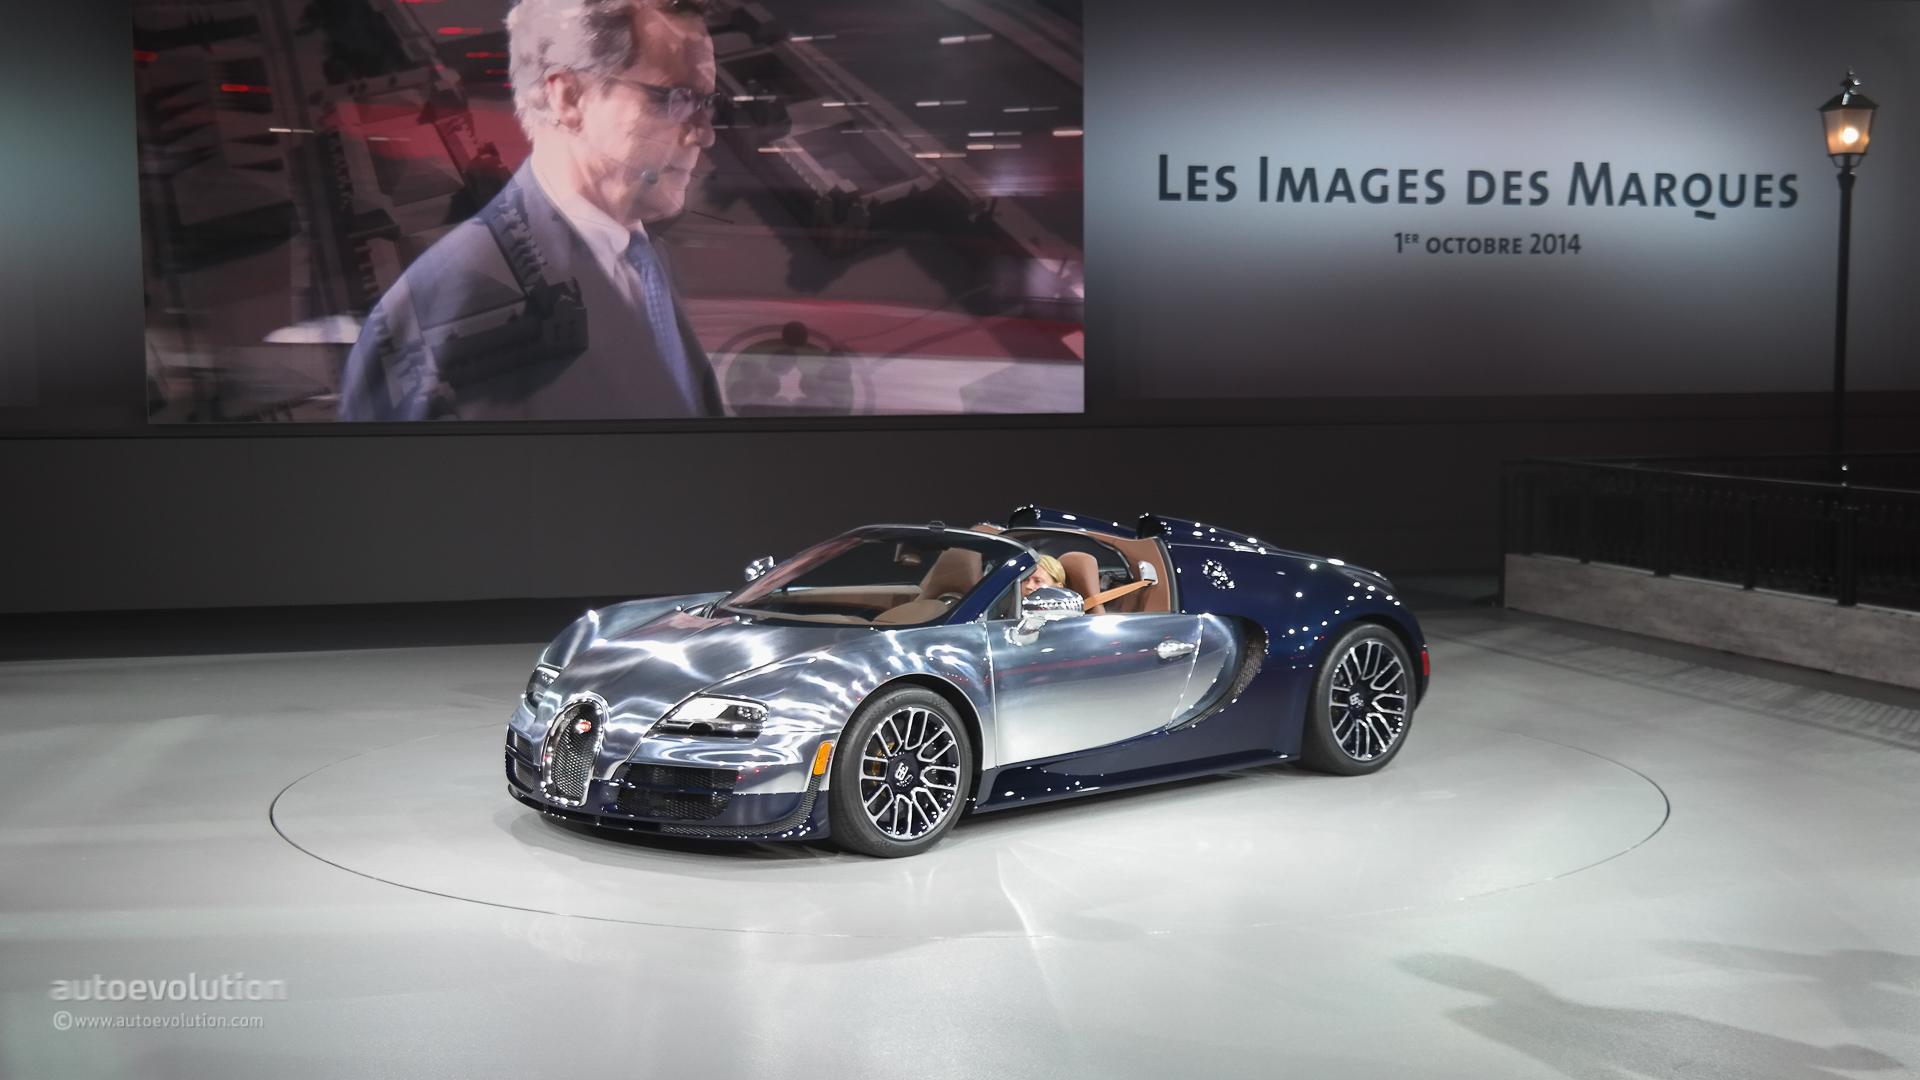 bugatti veyron ettore bugatti legend edition shown at the paris motor show l. Black Bedroom Furniture Sets. Home Design Ideas